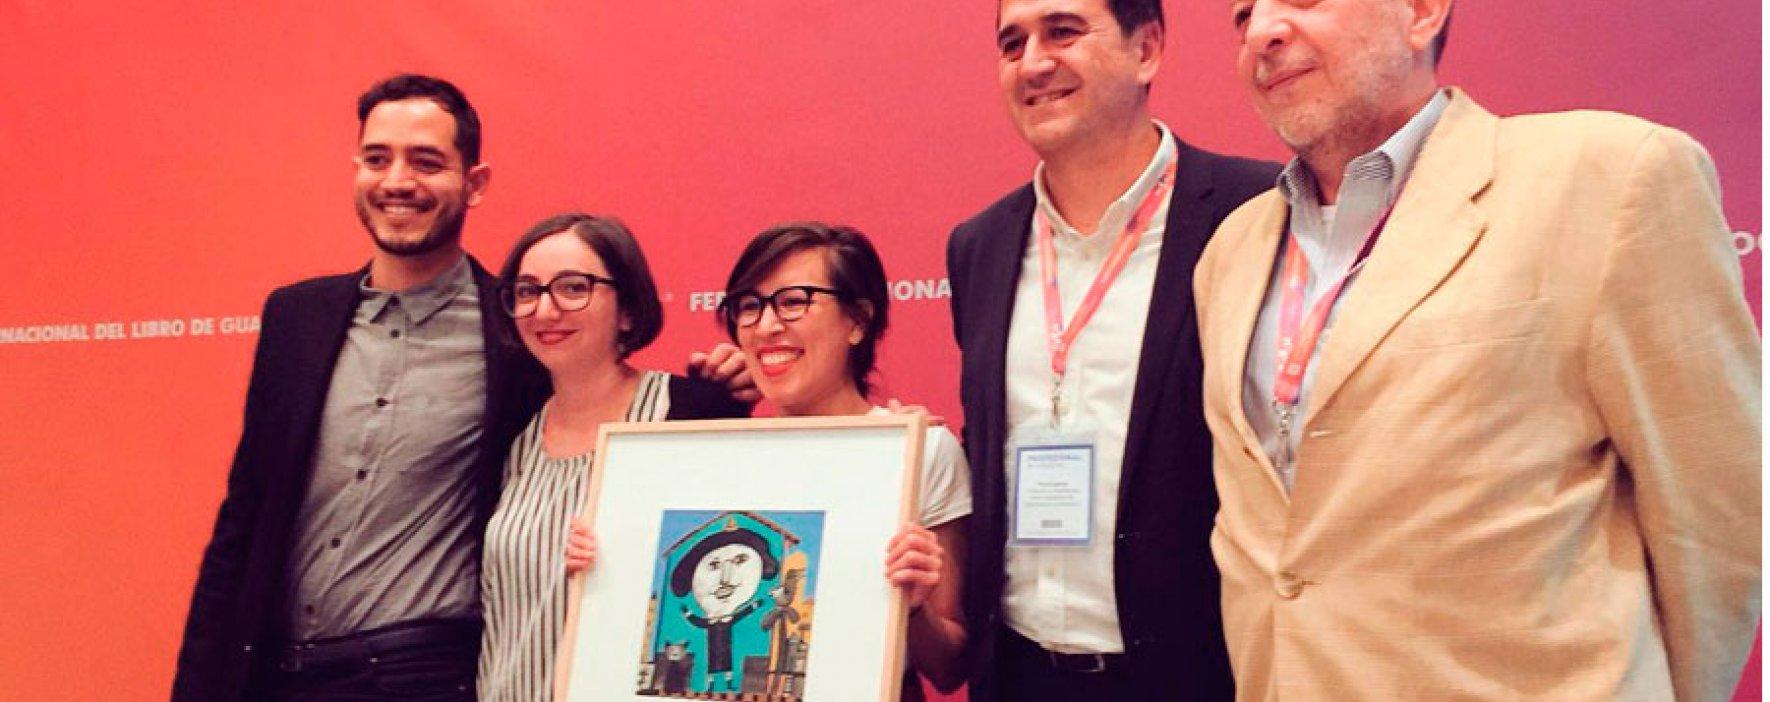 La Fundación SM entregó los premios iberoamericanos de literatura e ilustración